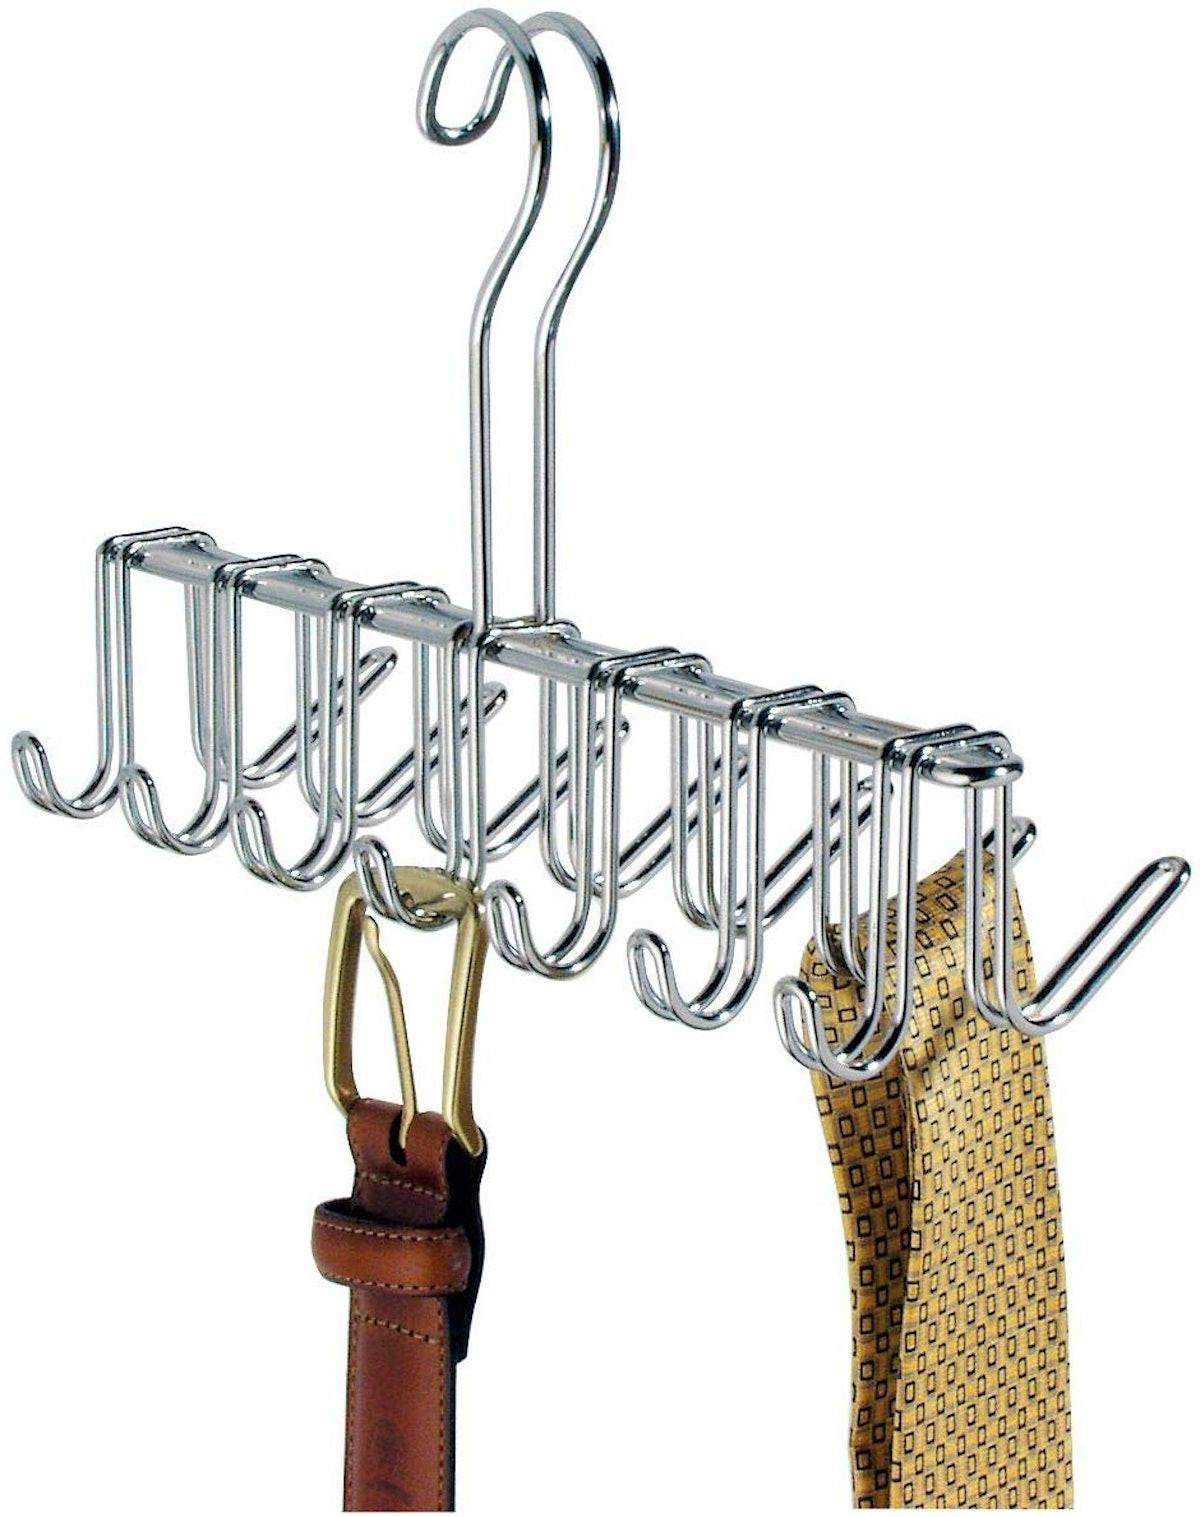 Metal Tie and Belt Hanger Organizer